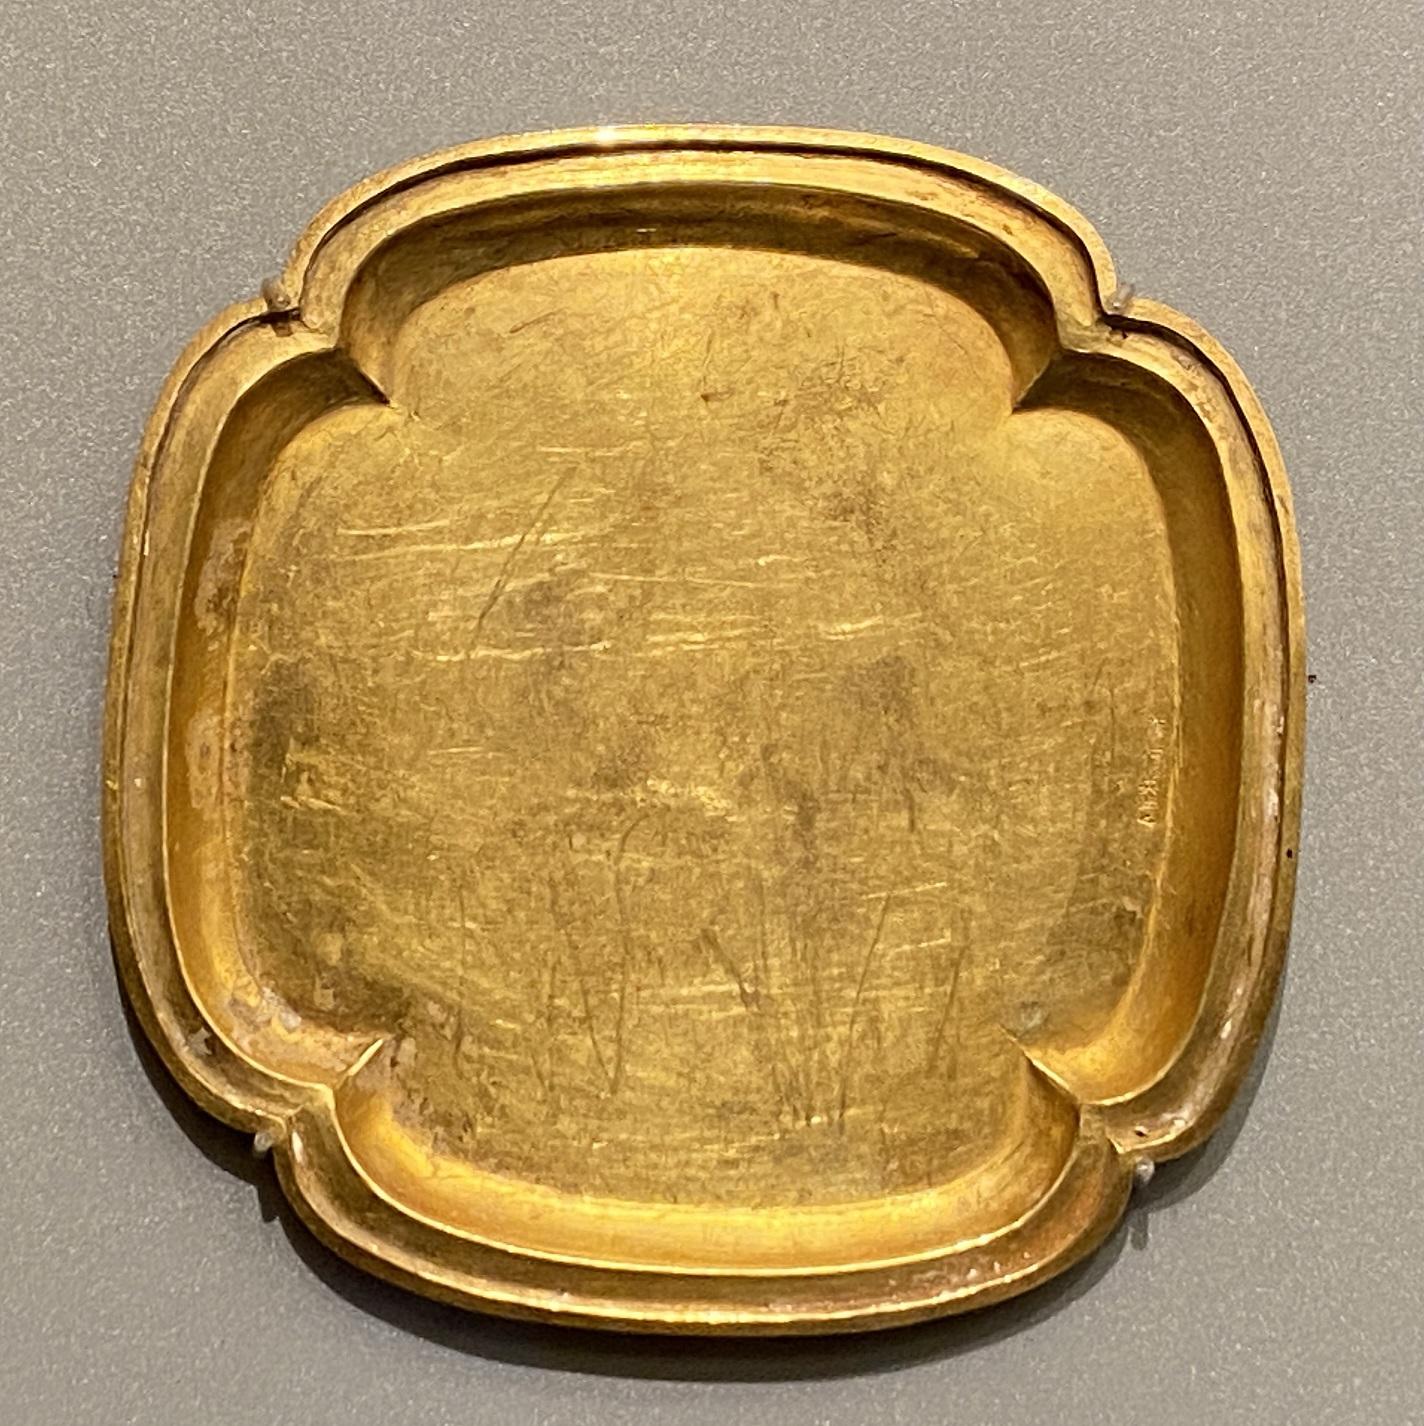 海棠式金盤-遼時代-特別展【食味人間】四川博物院・中国国家博物館